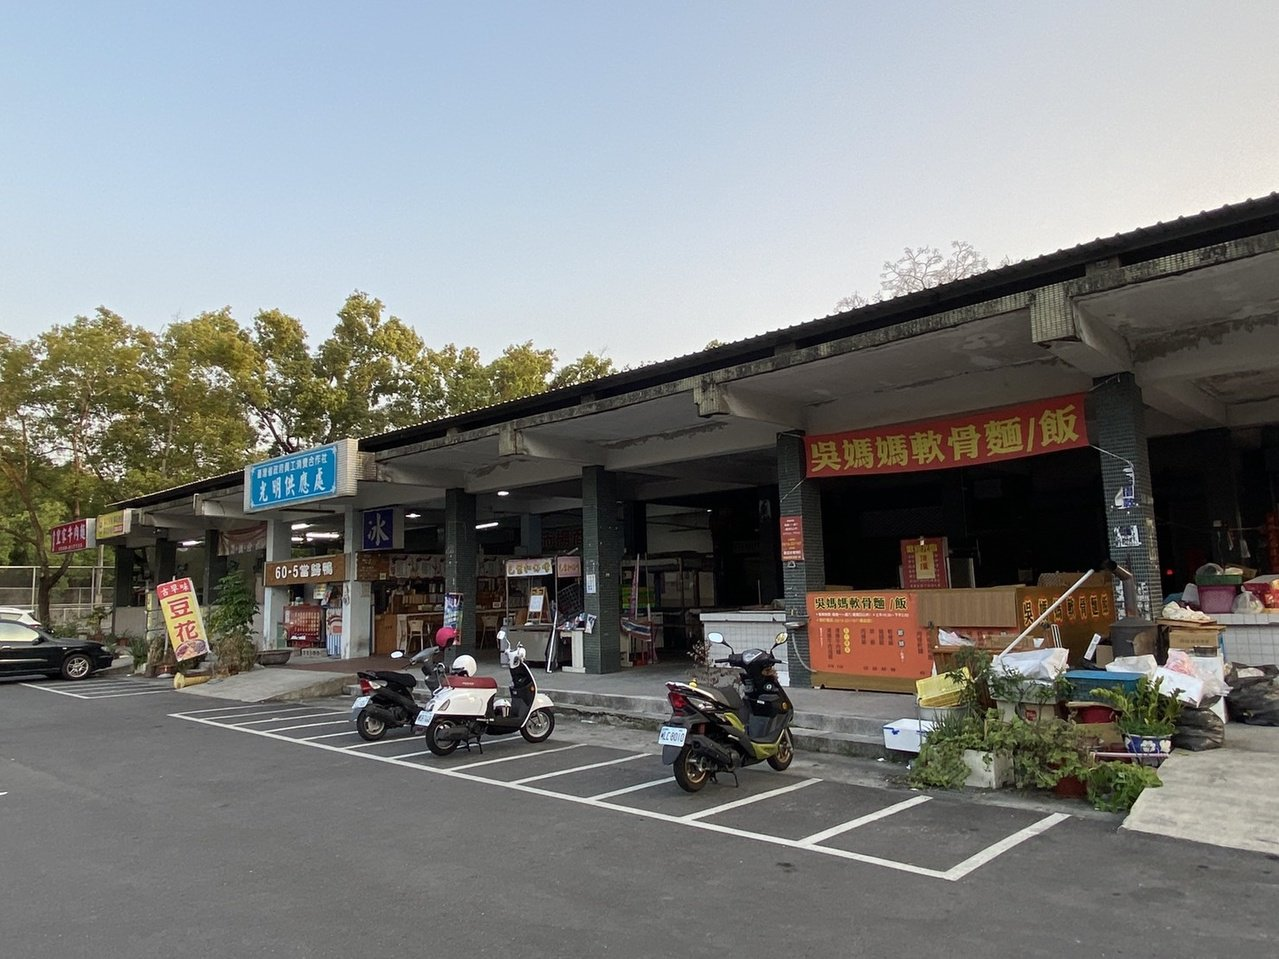 中興新村傳統市場匯集各省美食小吃,每個市場都有各自招牌美食。 圖/江良誠 攝影